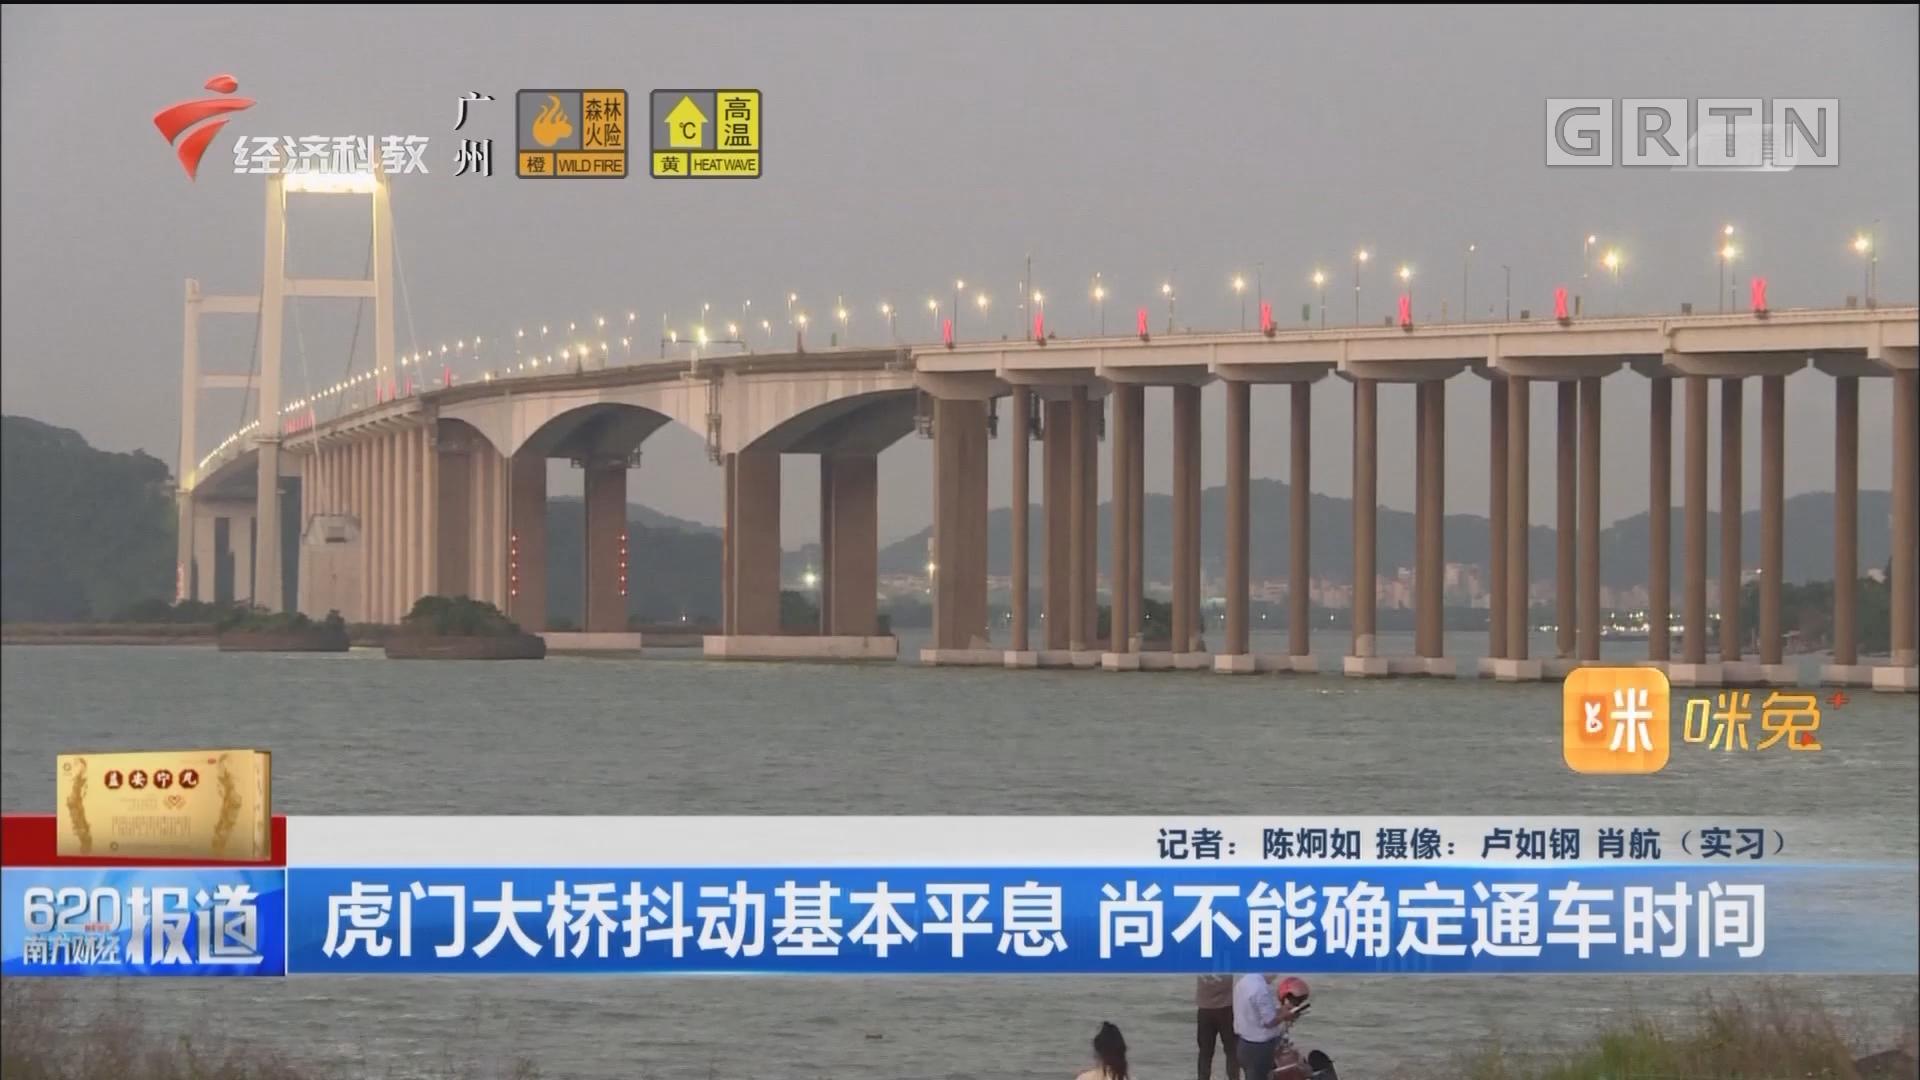 虎門大橋抖動基本平息 尚不能確定通車時間